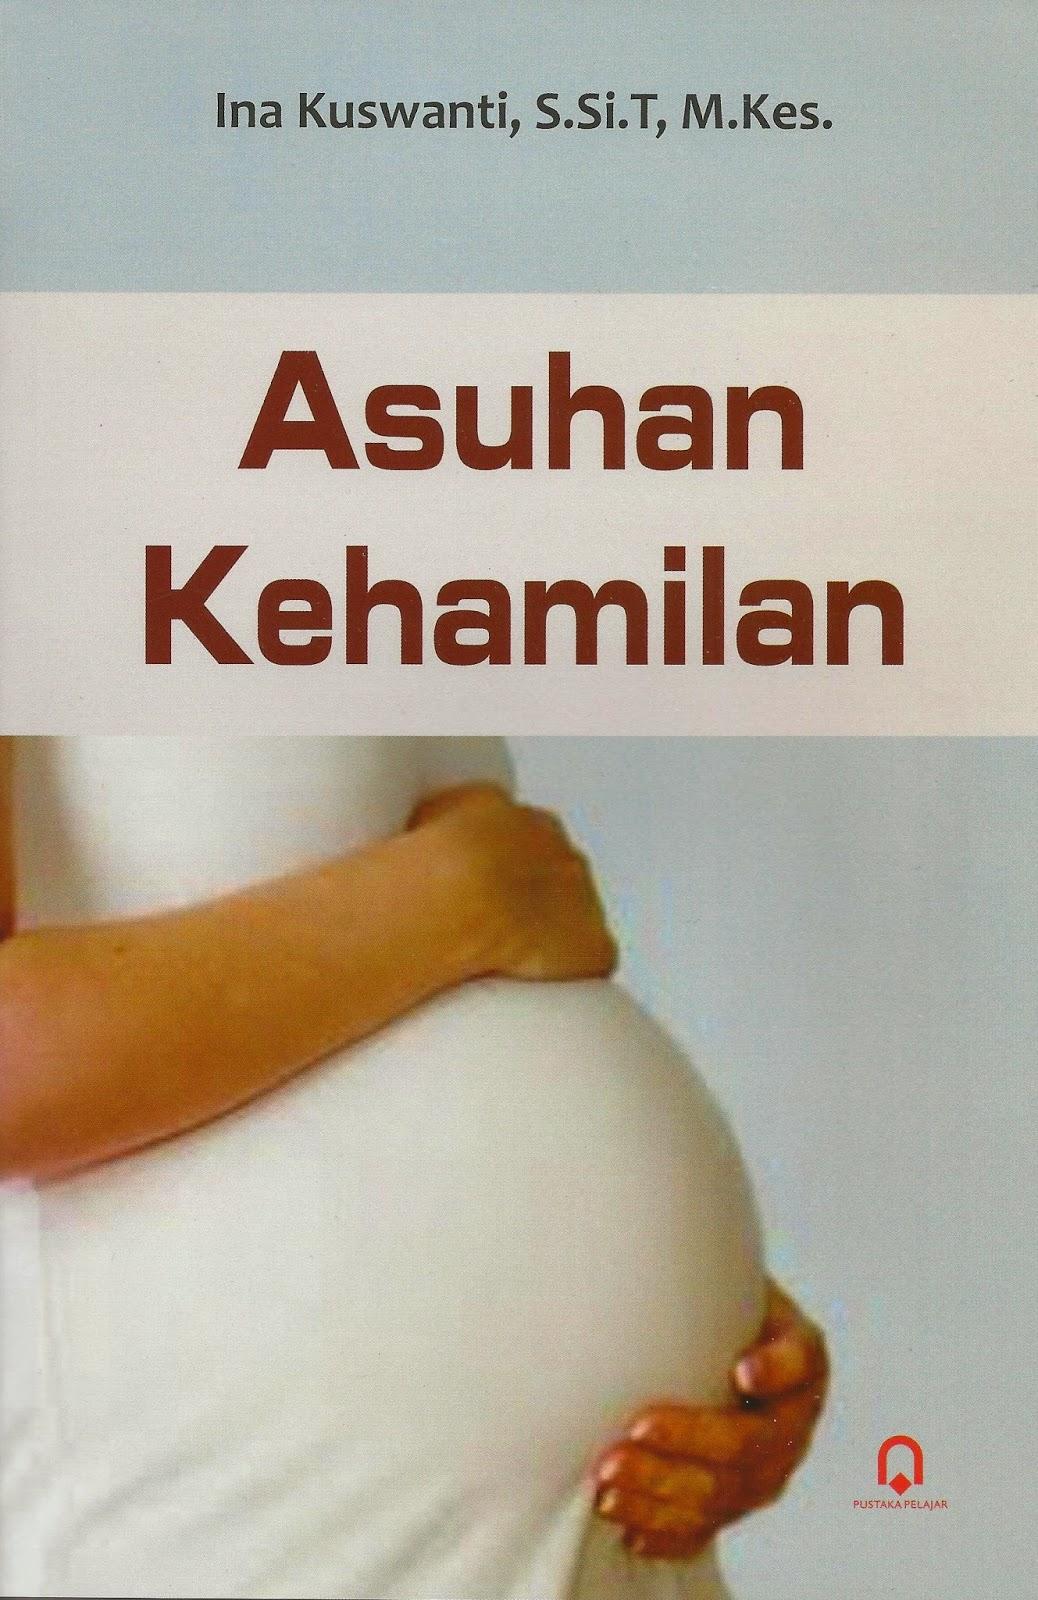 ASUHAN KEHAMILAN